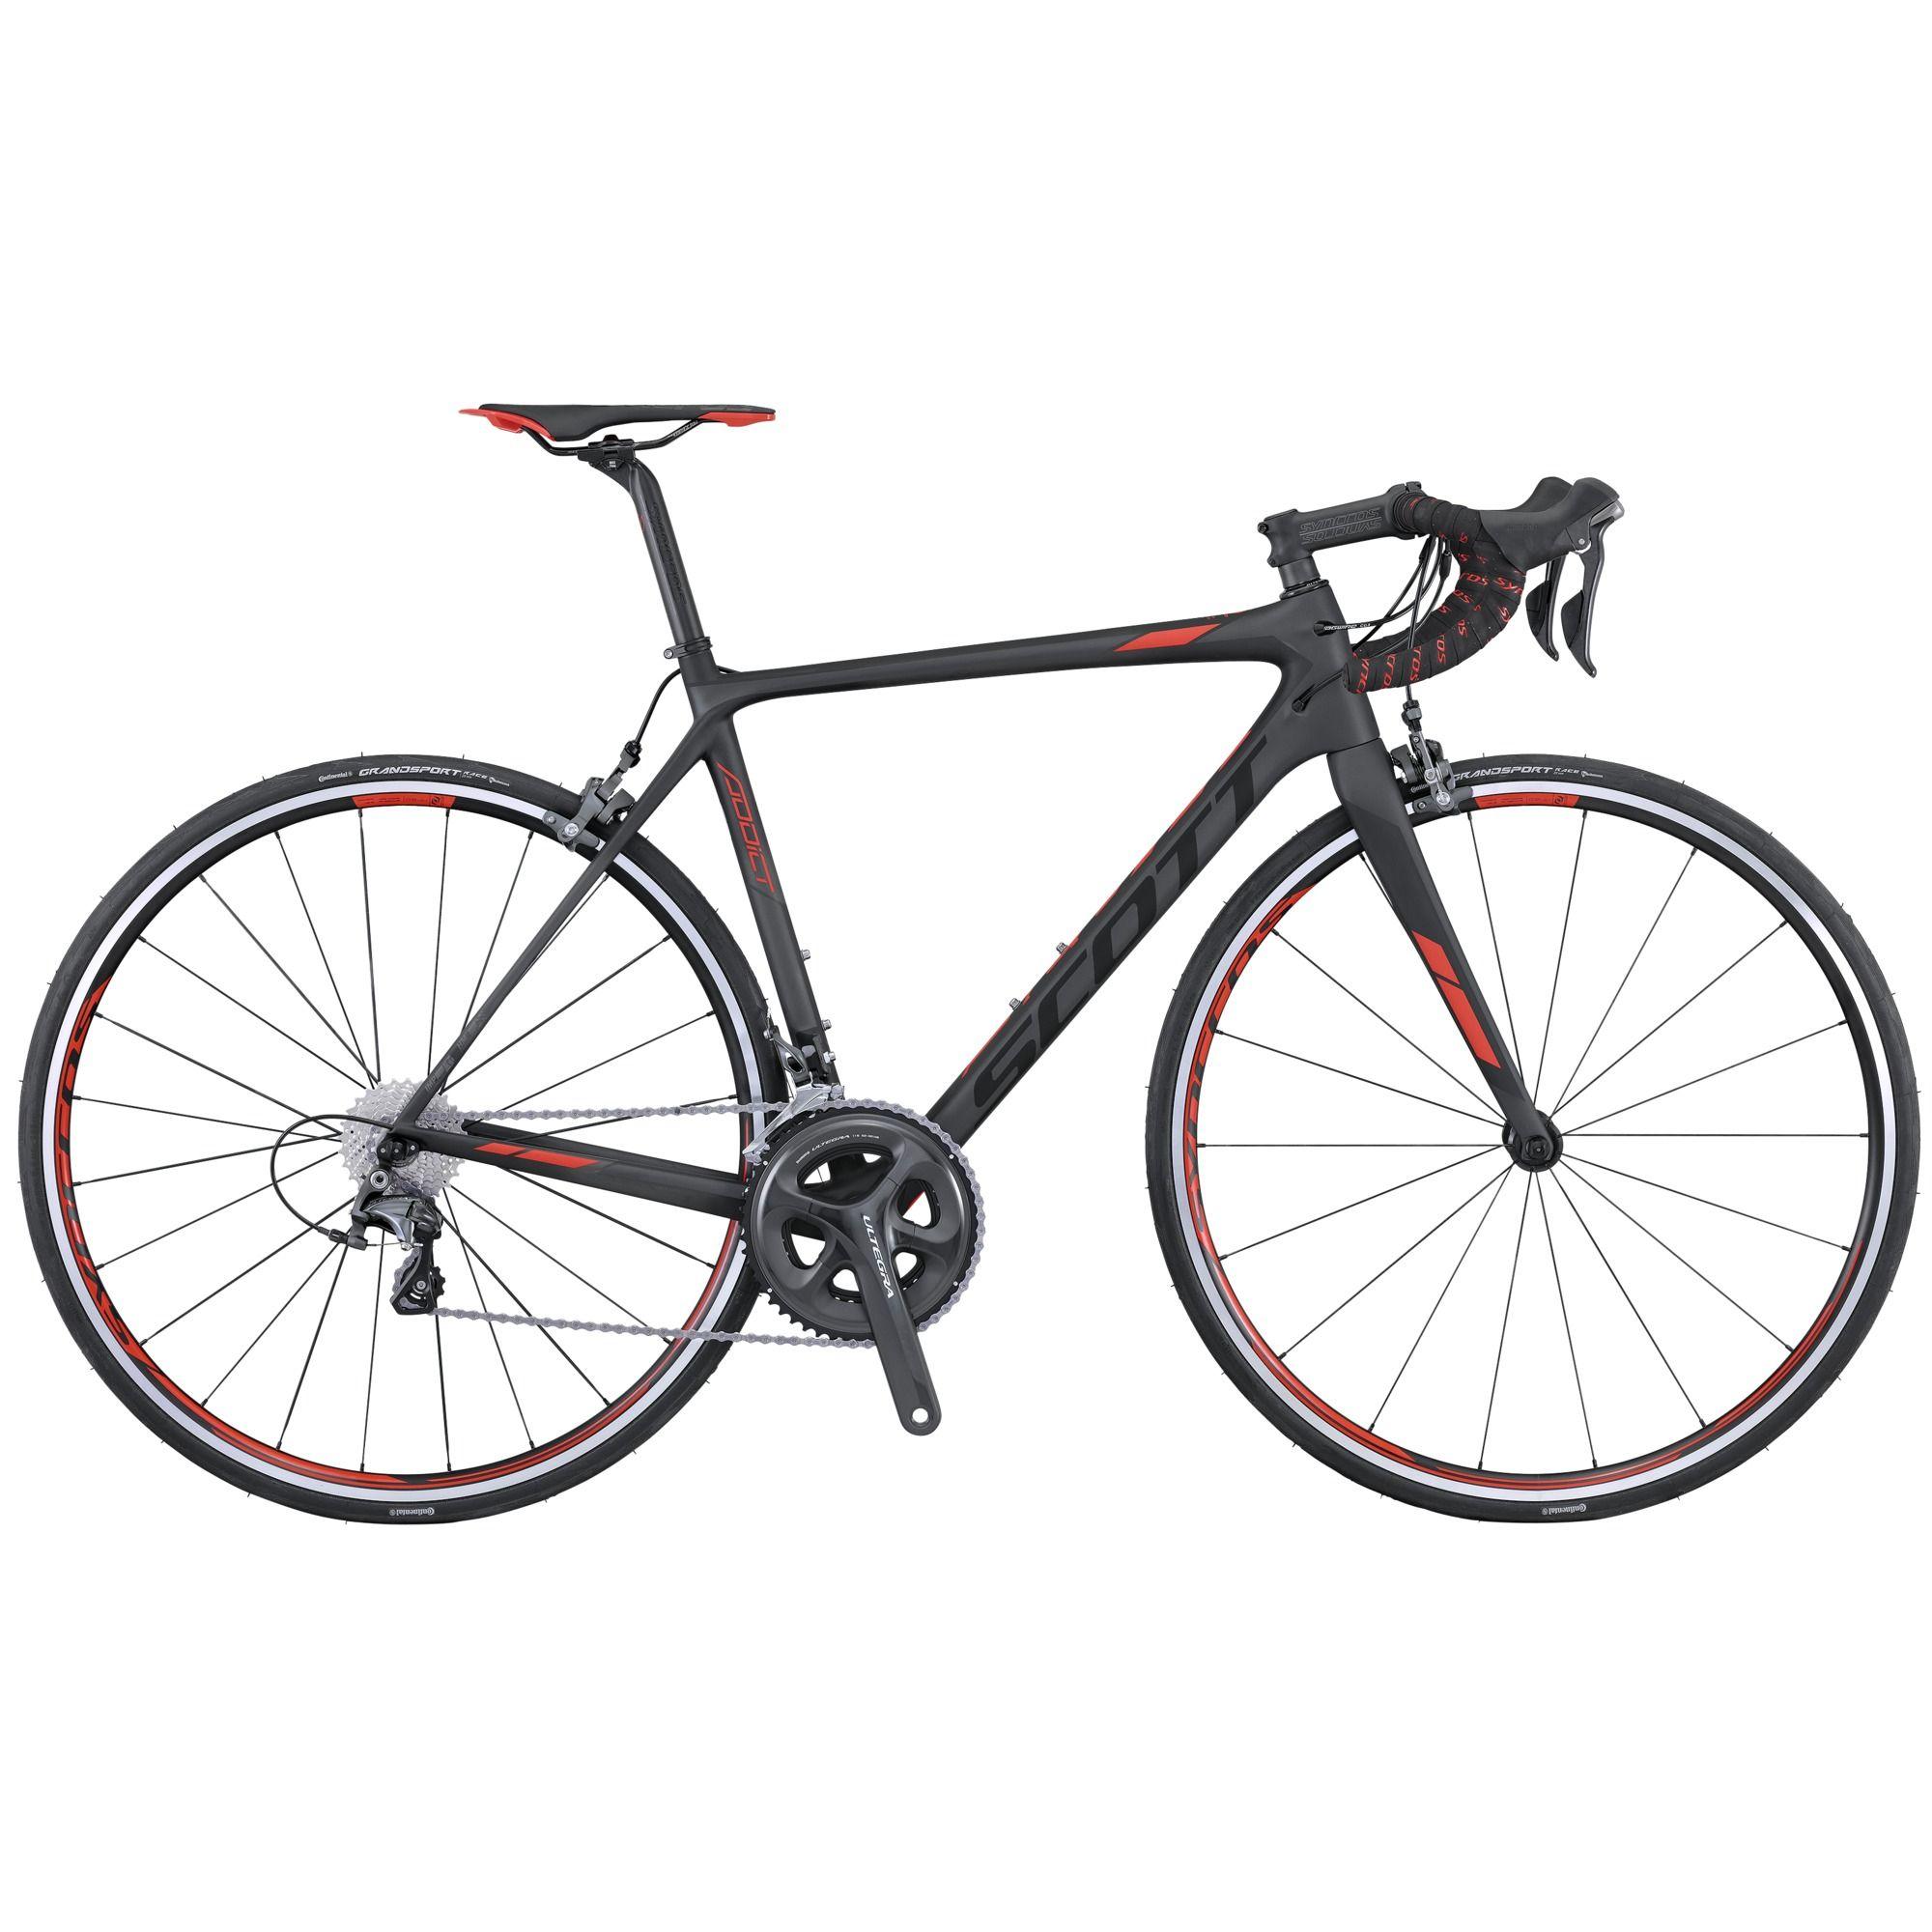 Велосипед ScottШоссейные<br>Классический шоссер Scott Addict 20, который подойдет для активных тренировок и и участия в шоссейных соревнованиях высокого уровня. Благодаря компонентам и стильному дизайну Scott Addict 20 сталь одним из любимчиков среди спортсменов по всему миру. Малый вес и высокую прочность велосипеду обеспечили карбоновые вилка и рама. Совмещение комплектов навесного оборудование Shimano Ultegra и Shimano 105 помогло добиться оптимального сочетания цены и качества. Торможение осуществляется ободной механикой от компании Shimano.<br><br>year: 2016<br>пол: мужской<br>уровень оборудования: профессиональный<br>рулевая колонка: Ritchey PRO Integrated<br>вынос: Syncros FL2.0, 1 1/8 / four Bolt 31.8 мм<br>руль: Syncros RR2.0, Anatomic 31.8 мм<br>задний тормоз: Shimano Ultegra BR-6800, Super SLR Dual pivot<br>тормозные ручки: Shimano Ultegra BR-6800, Super SLR Dual pivot<br>цепь: Shimano 105 CN-HG600<br>система: Shimano Ultegra FC-6800, Hollowtech II, 52x36T<br>каретка: Ultegra SM-BB72-41<br>ободья: Syncros RP2.0, спереди: 18H, сзади: 24H<br>передняя втулка: Syncros RP2.0<br>задняя втулка: Syncros RP2.0<br>спицы: Syncros RP2.0<br>передняя покрышка: Continental Grand Sport Race, Fold, 700 x 23C<br>задняя покрышка: Continental Grand Sport Race, Fold, 700 x 23C<br>седло: Syncros RR2.0<br>подседельный штырь: Syncros Carbon FL1.0 ECL, Ergoptimized Comfort Layup, 27.2 х 350 мм<br>кассета: Shimano 105 CS-5800, 11-28T<br>манетки: Shimano Ultegra ST-6800 Carbon, Dual control<br>вес: 7.14 кг<br>рама: Addict HMF / IMP Superlight Carbon technology / Road Race geometry / Replaceable Dropout / STD Seattube / INT BB<br>вилка: Addict HMF 1 1/8 - 1 1/4 Carbon steerer, Integrated Carbon Dropout<br>цвет: чёрный<br>размер рамы: 21&amp;amp;quot;<br>материал рамы: карбон<br>тип тормозов: ободной<br>передний переключатель: Shimano Ultegra FD-6800<br>задний переключатель: Shimano Ultegra RD-6800 SS<br>количество скоростей: 22